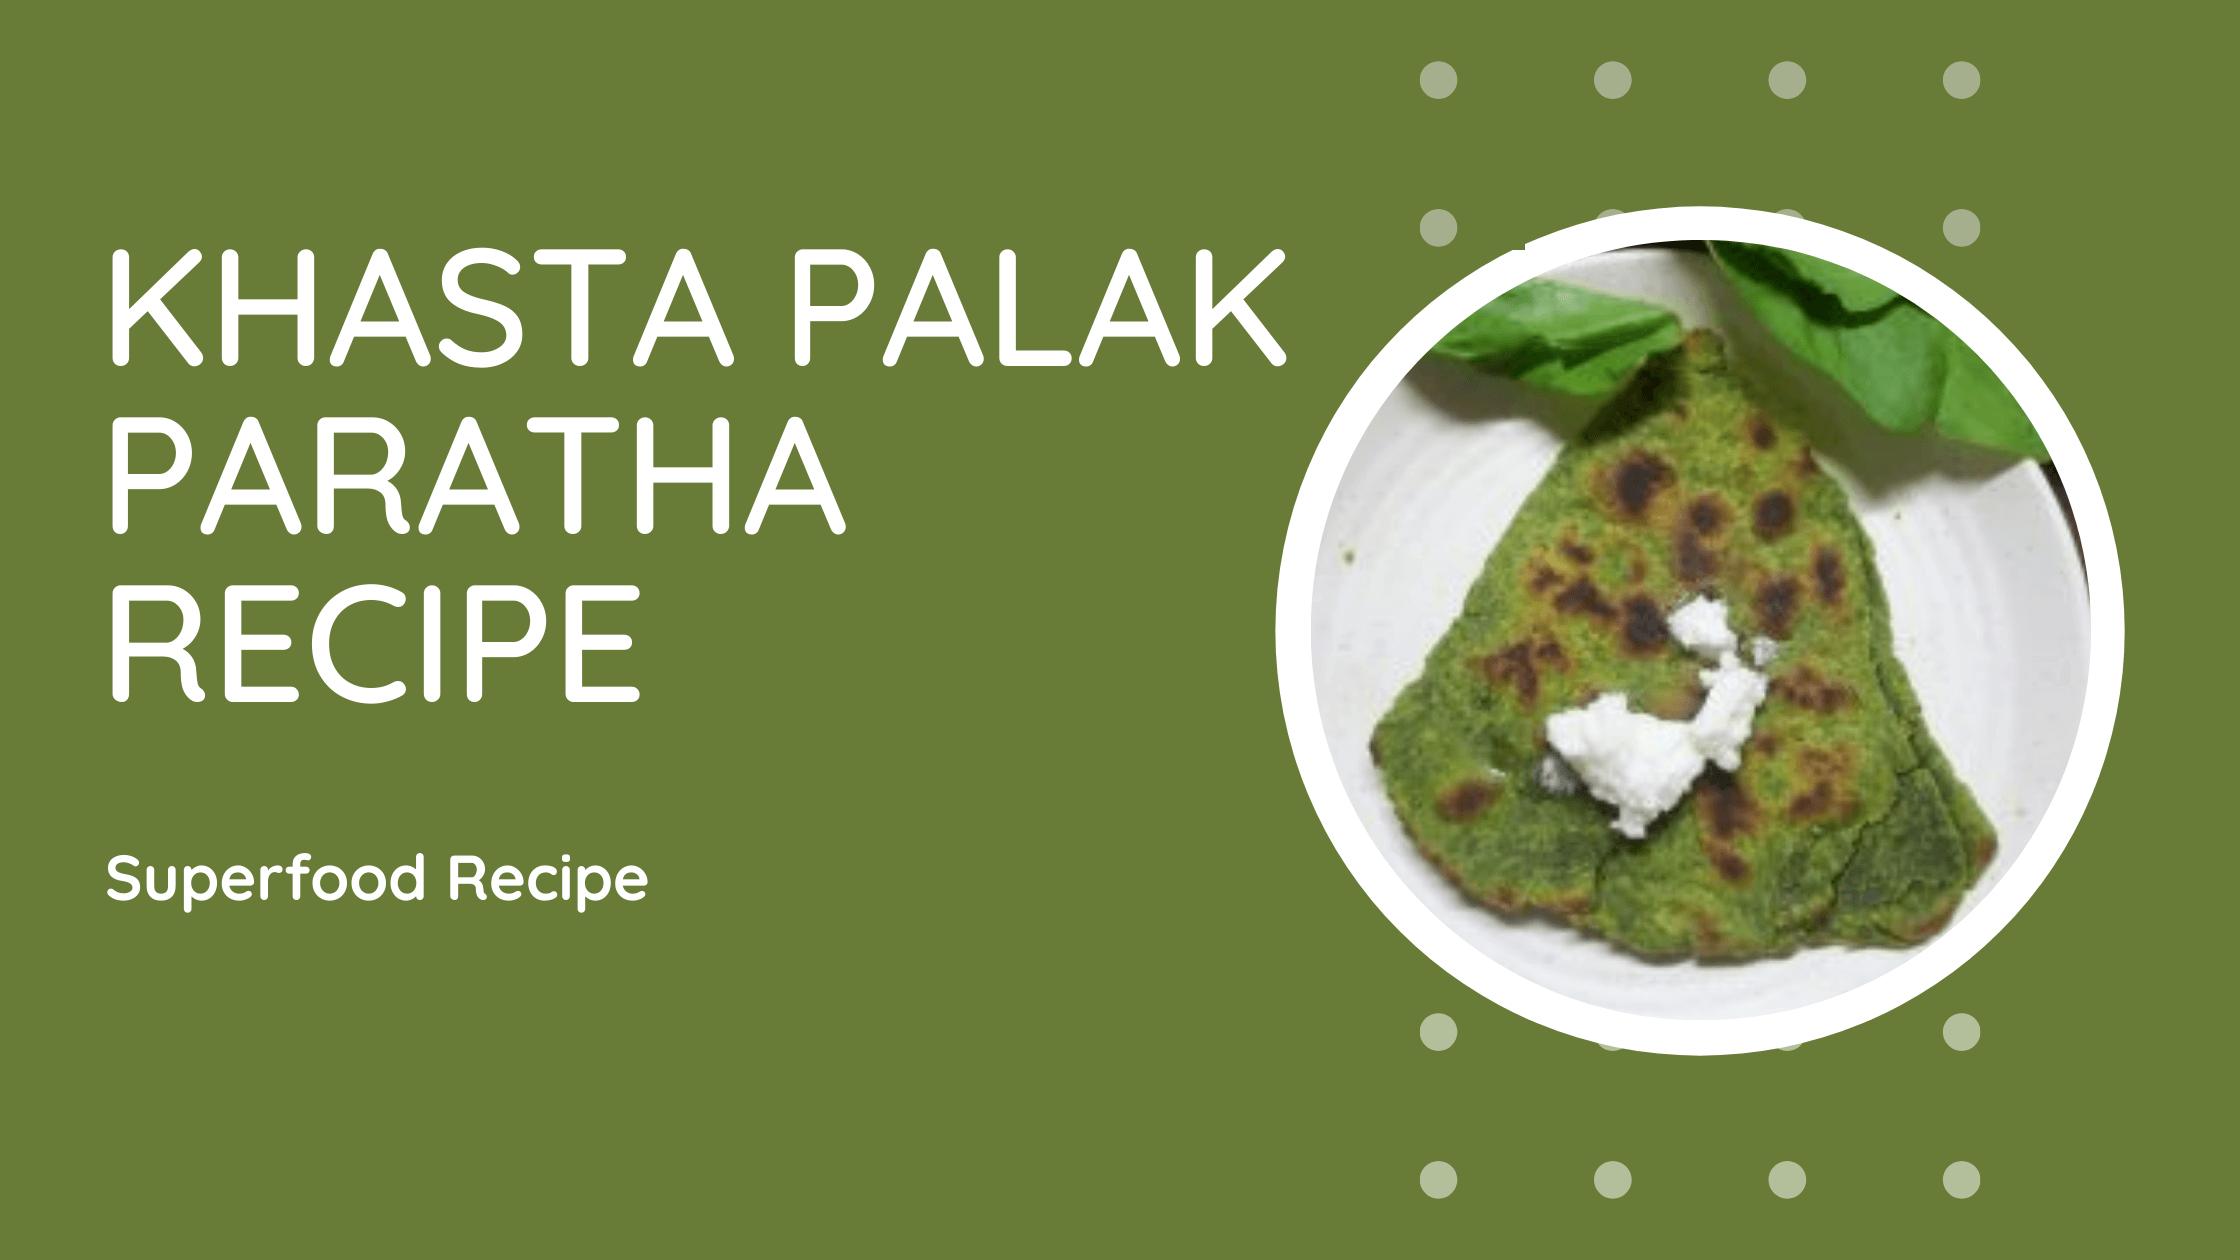 Khasta Palak Paratha Recipe (1)